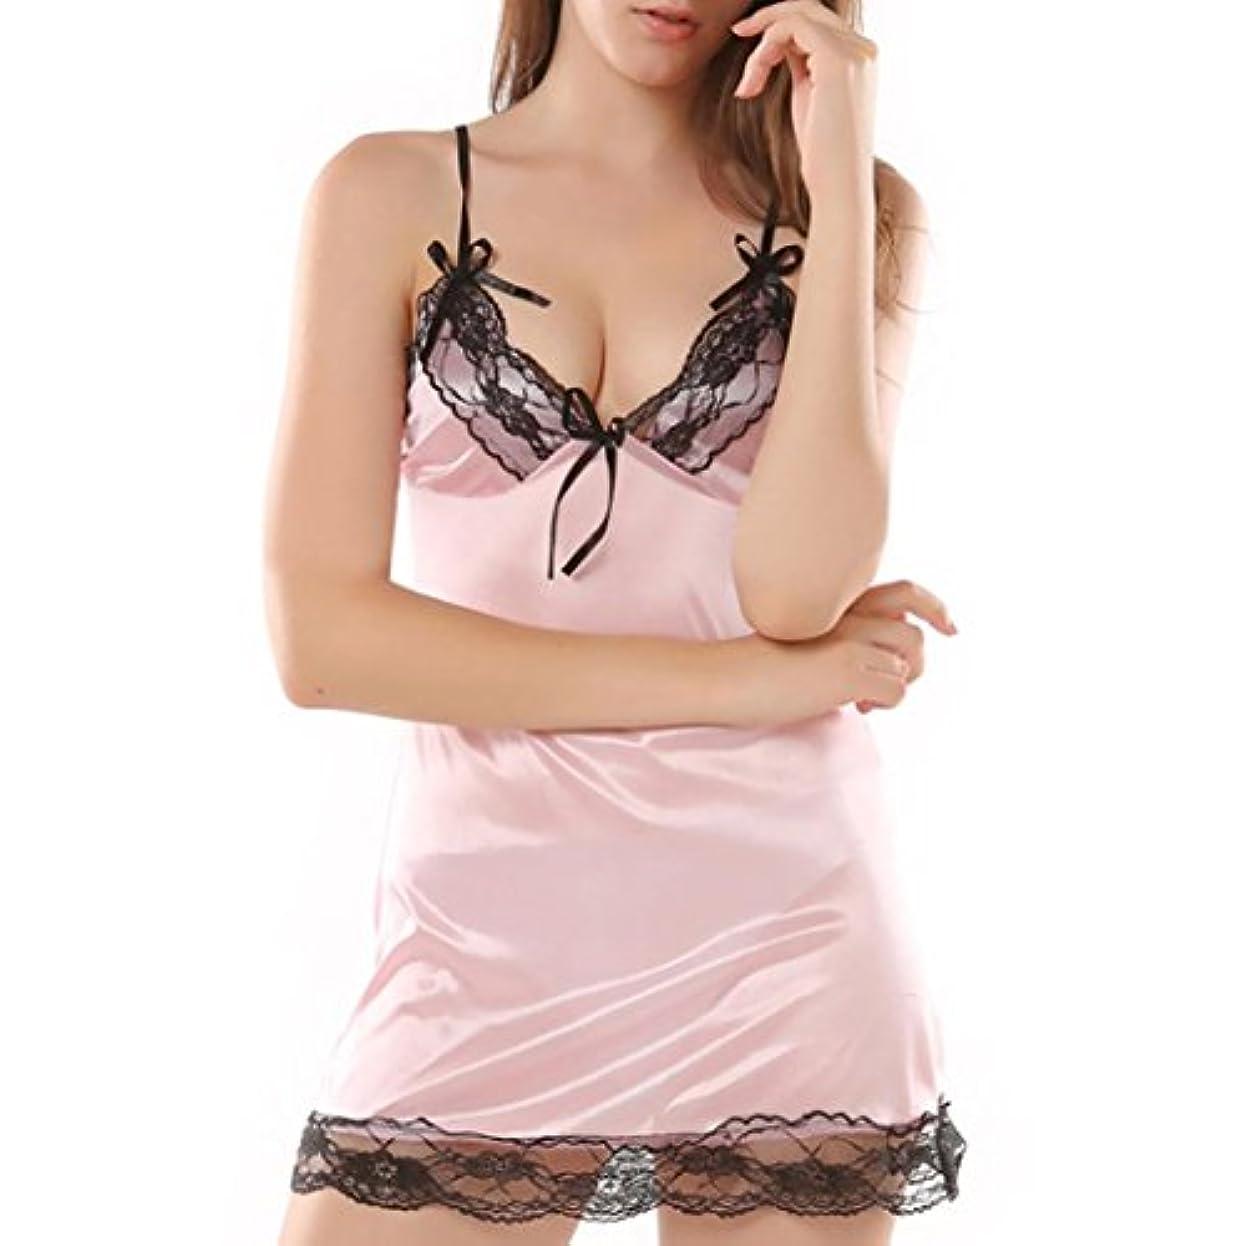 予算実験室移民Mhomzawa レースの下着ファッションセクシープラスサイズの服は下着の寝巻の誘惑